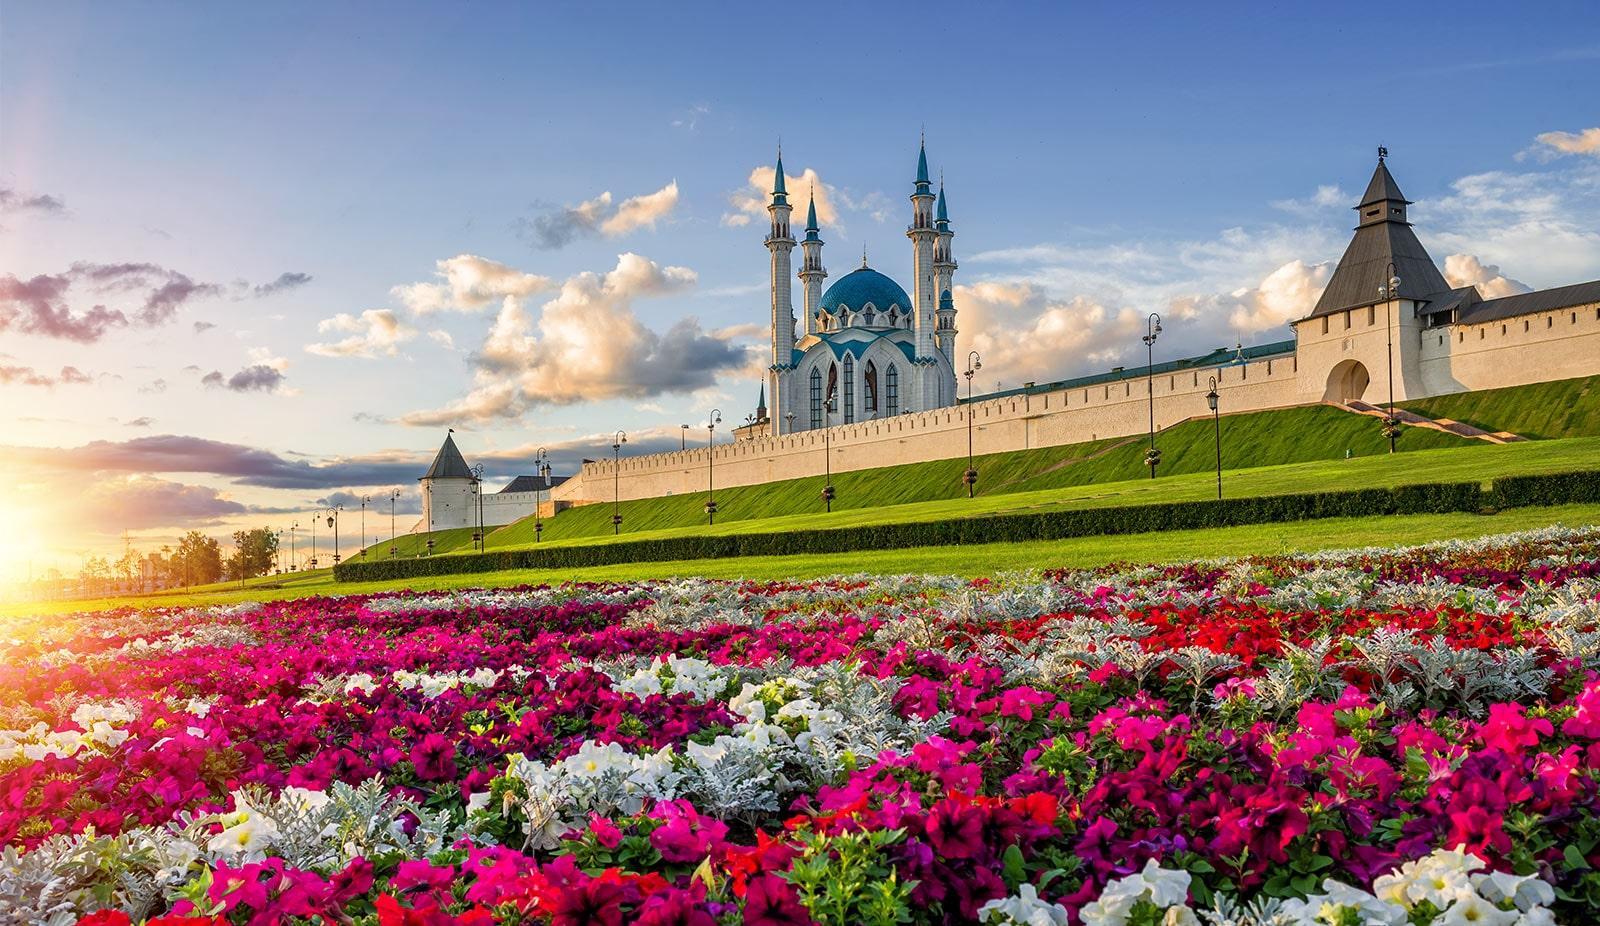 Thẻ này mô tả bộ xử lý bốn nhân. Hình ảnh luống hoa đầy màu sắc xung quanh một lâu đài.